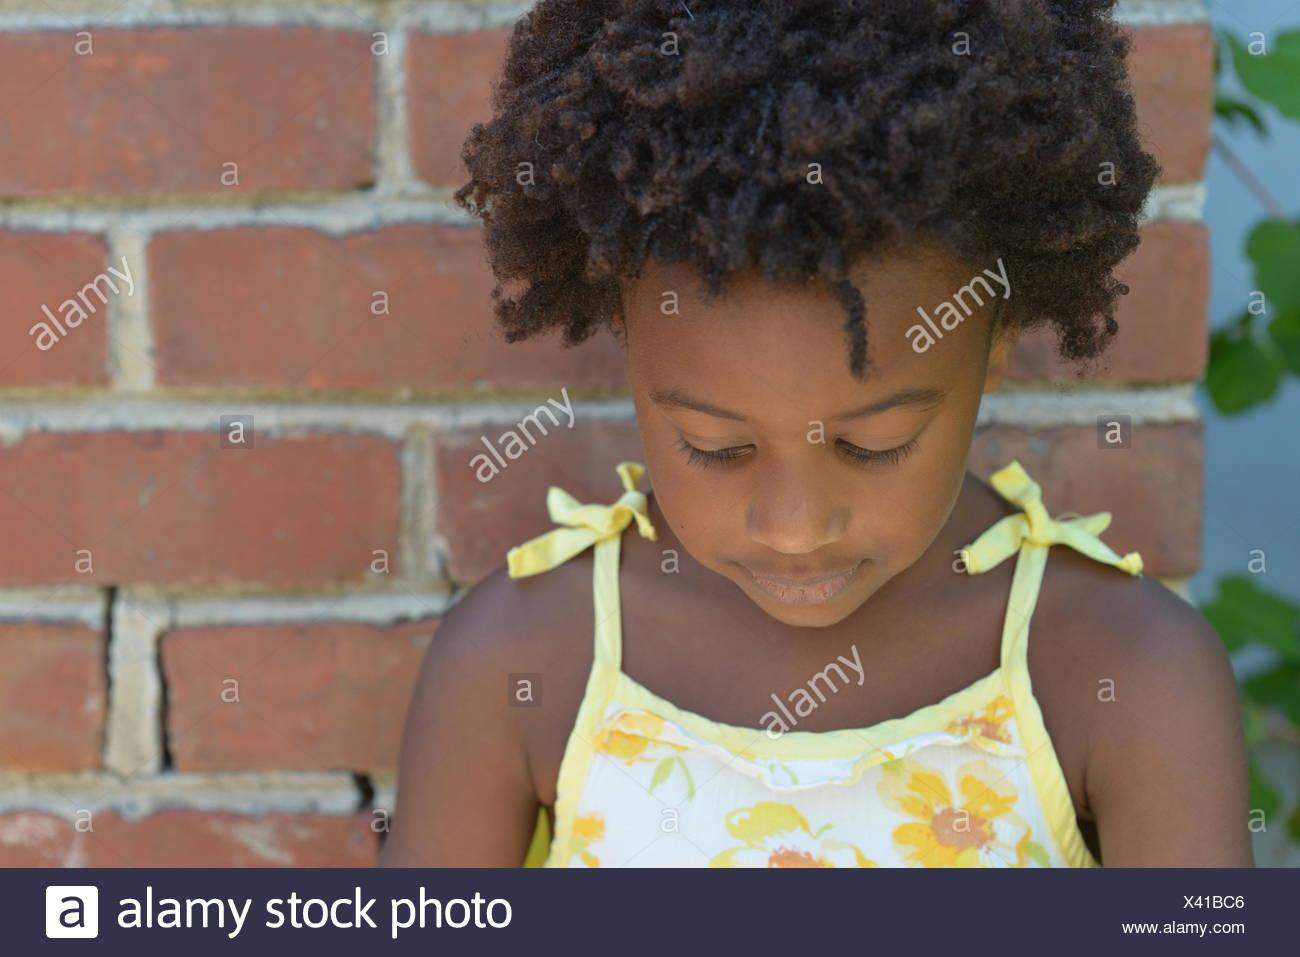 Le ragazze in piedi da un muro di mattoni guardando verso il basso Immagini Stock